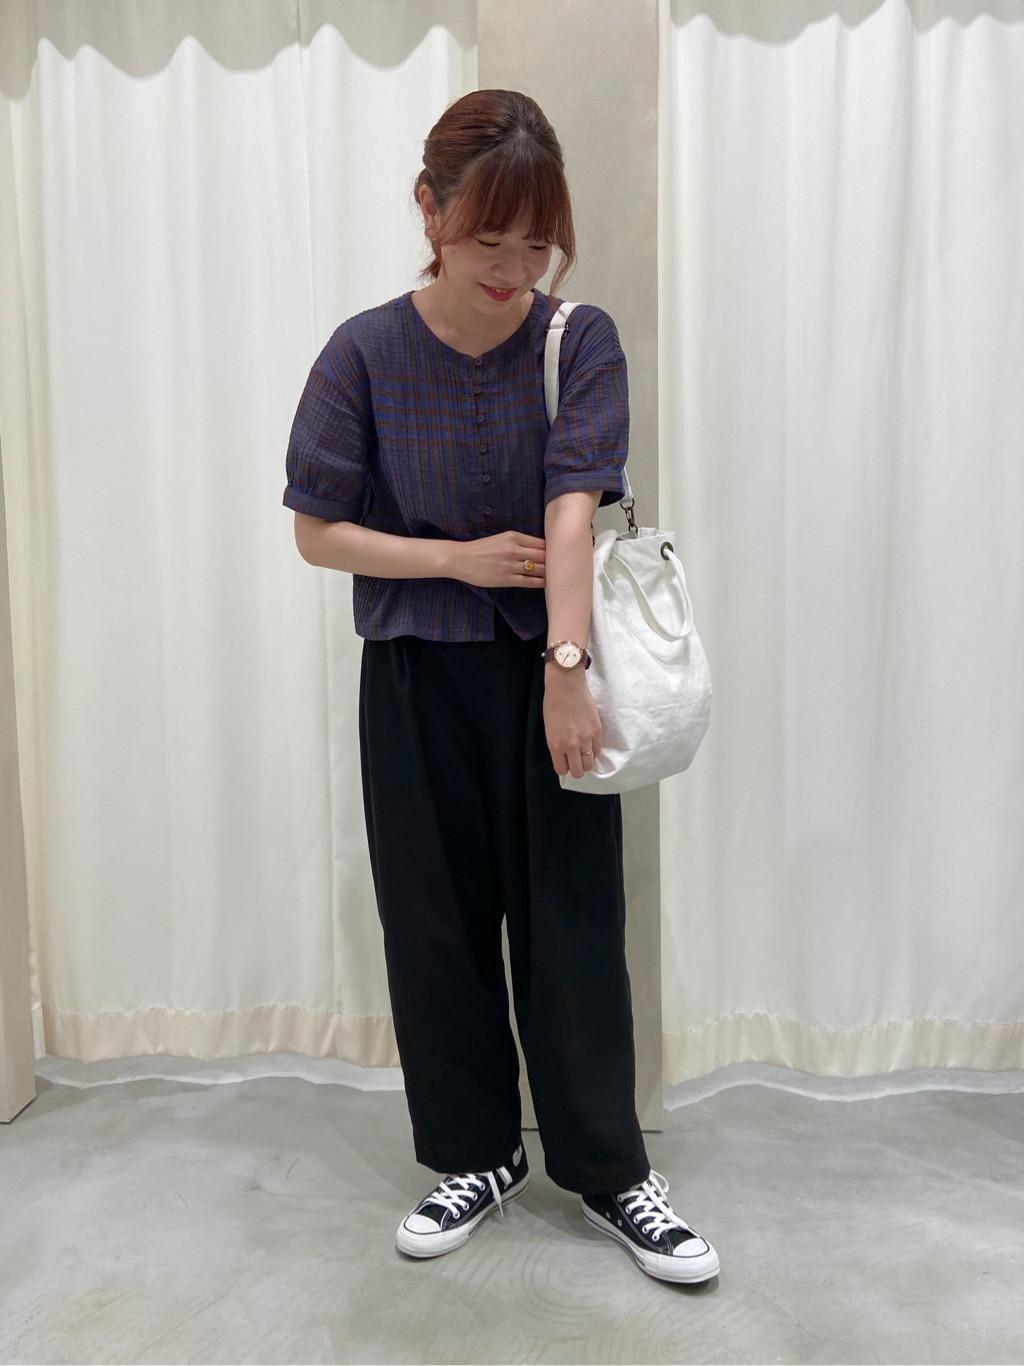 - PAR ICI CHILD WOMAN , PAR ICI ルミネ池袋 身長:165cm 2020.09.09